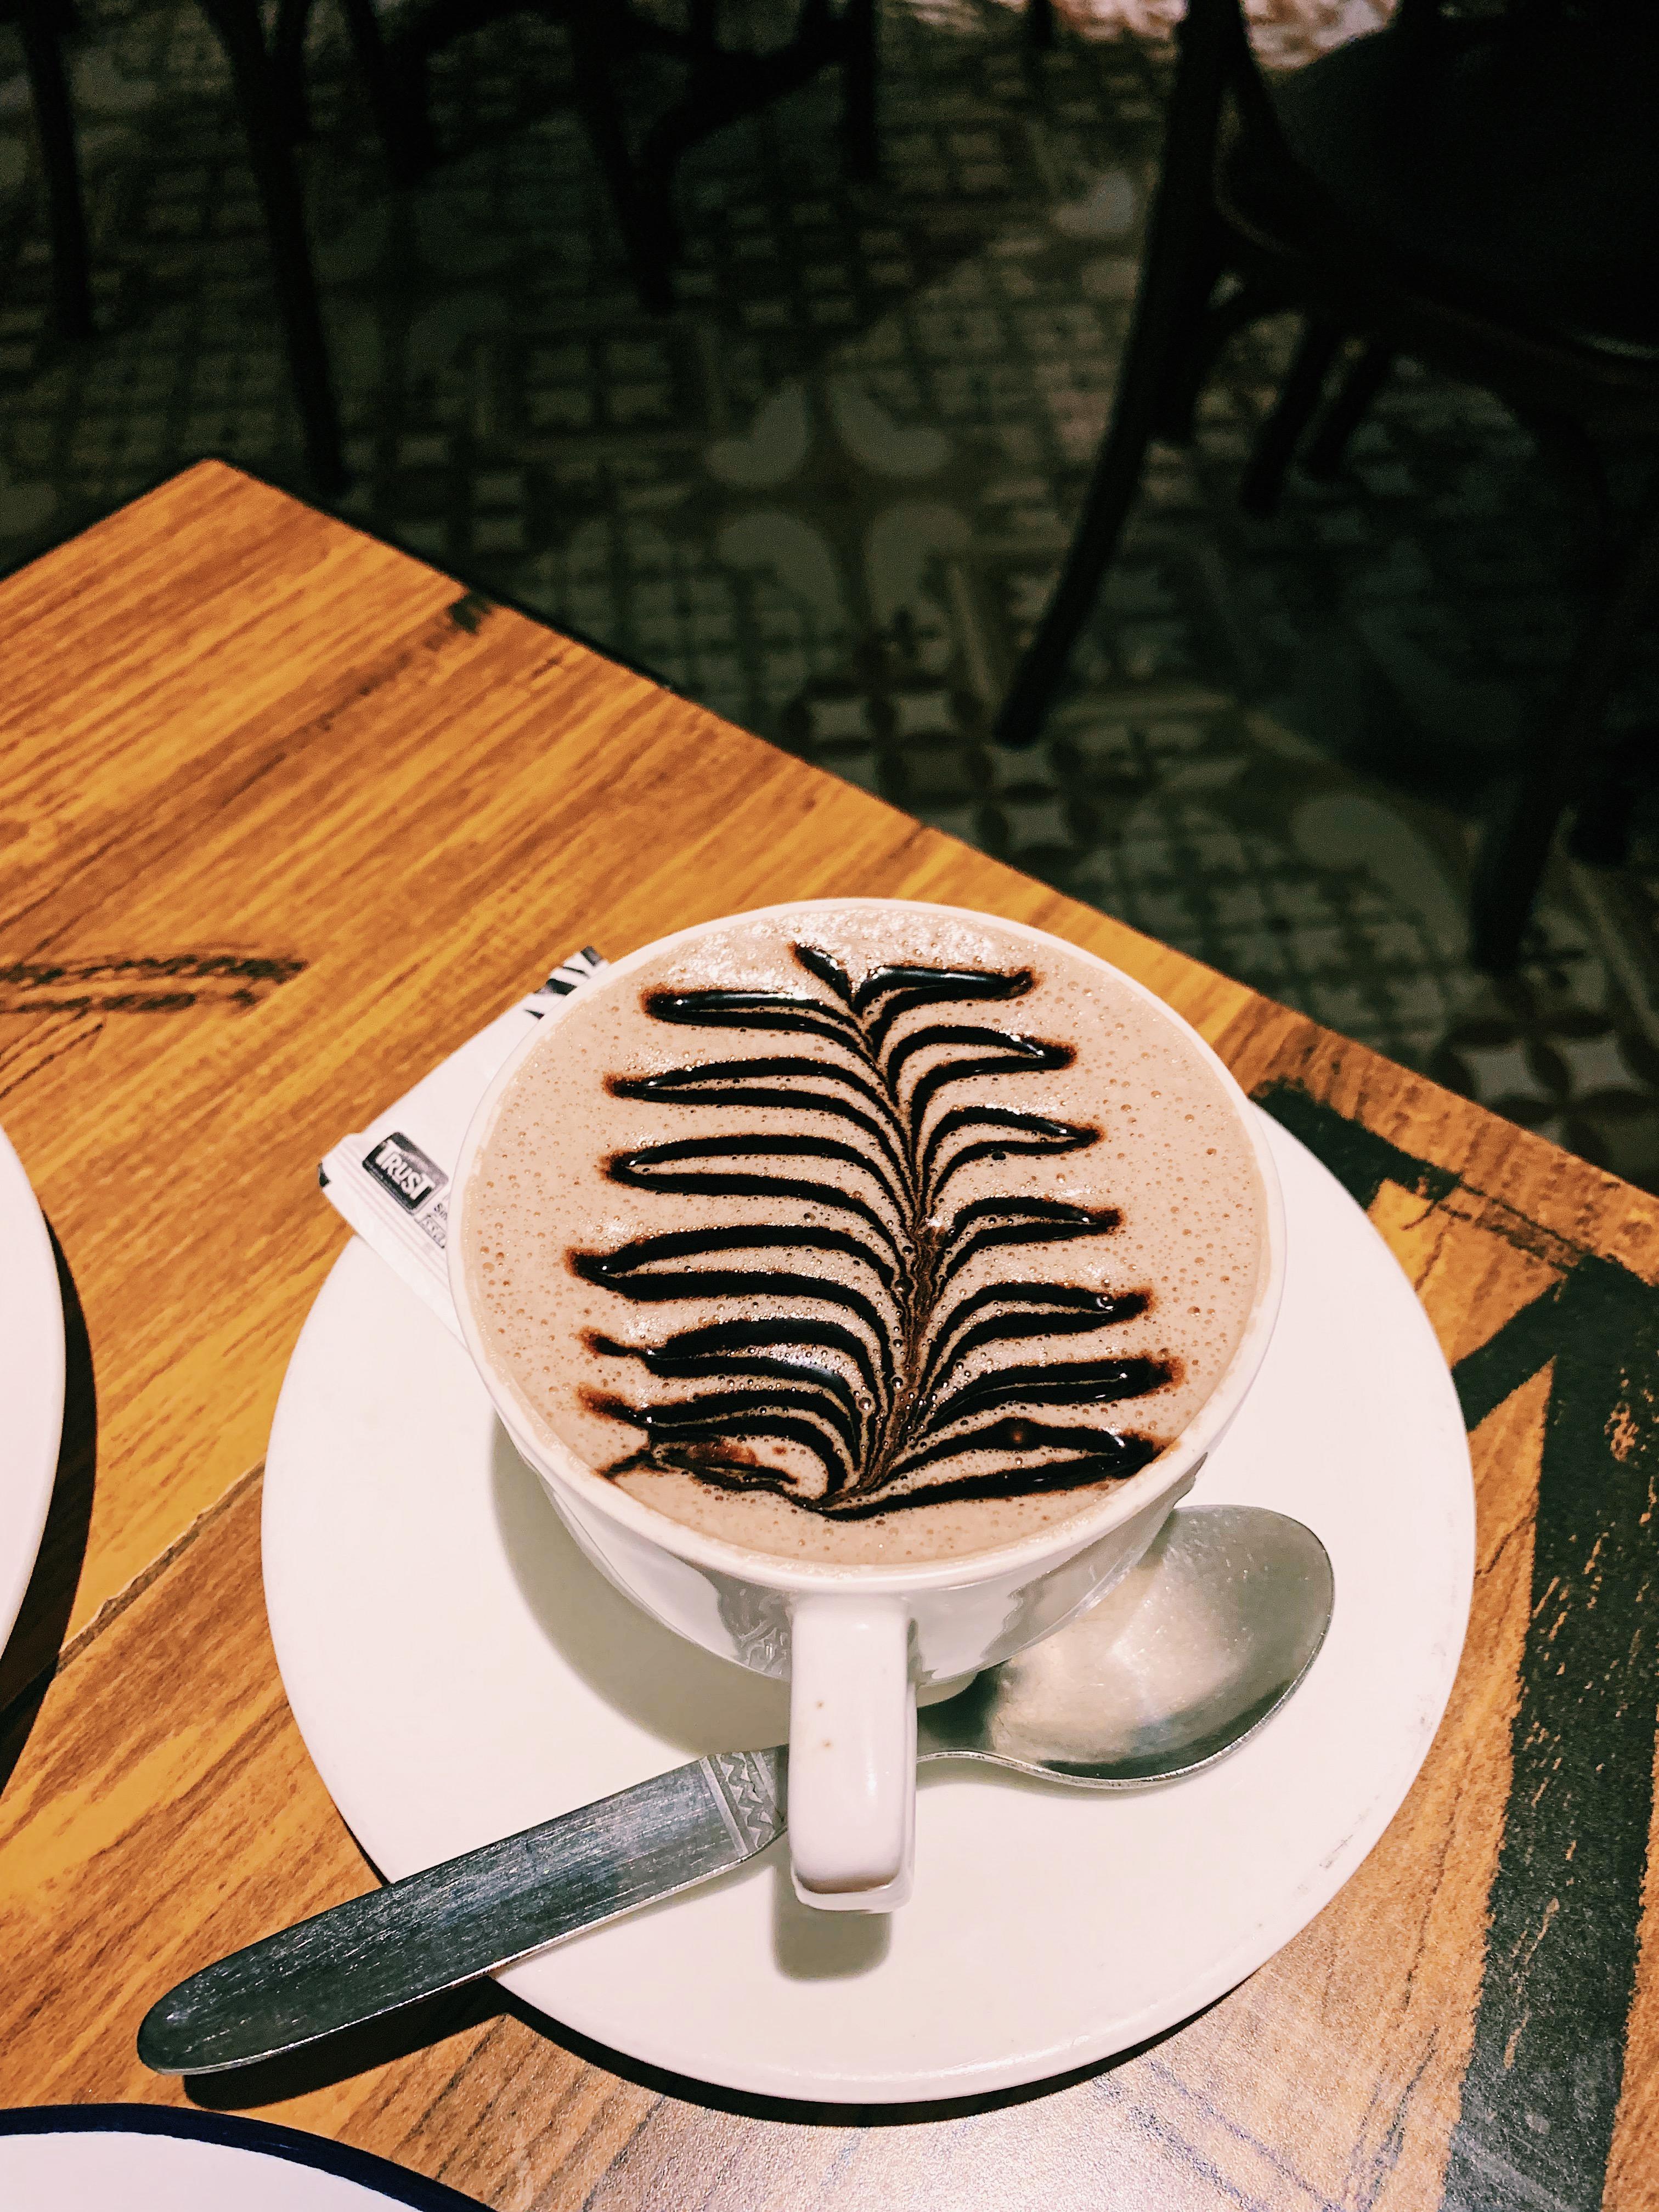 Swiss Hot Chocolate